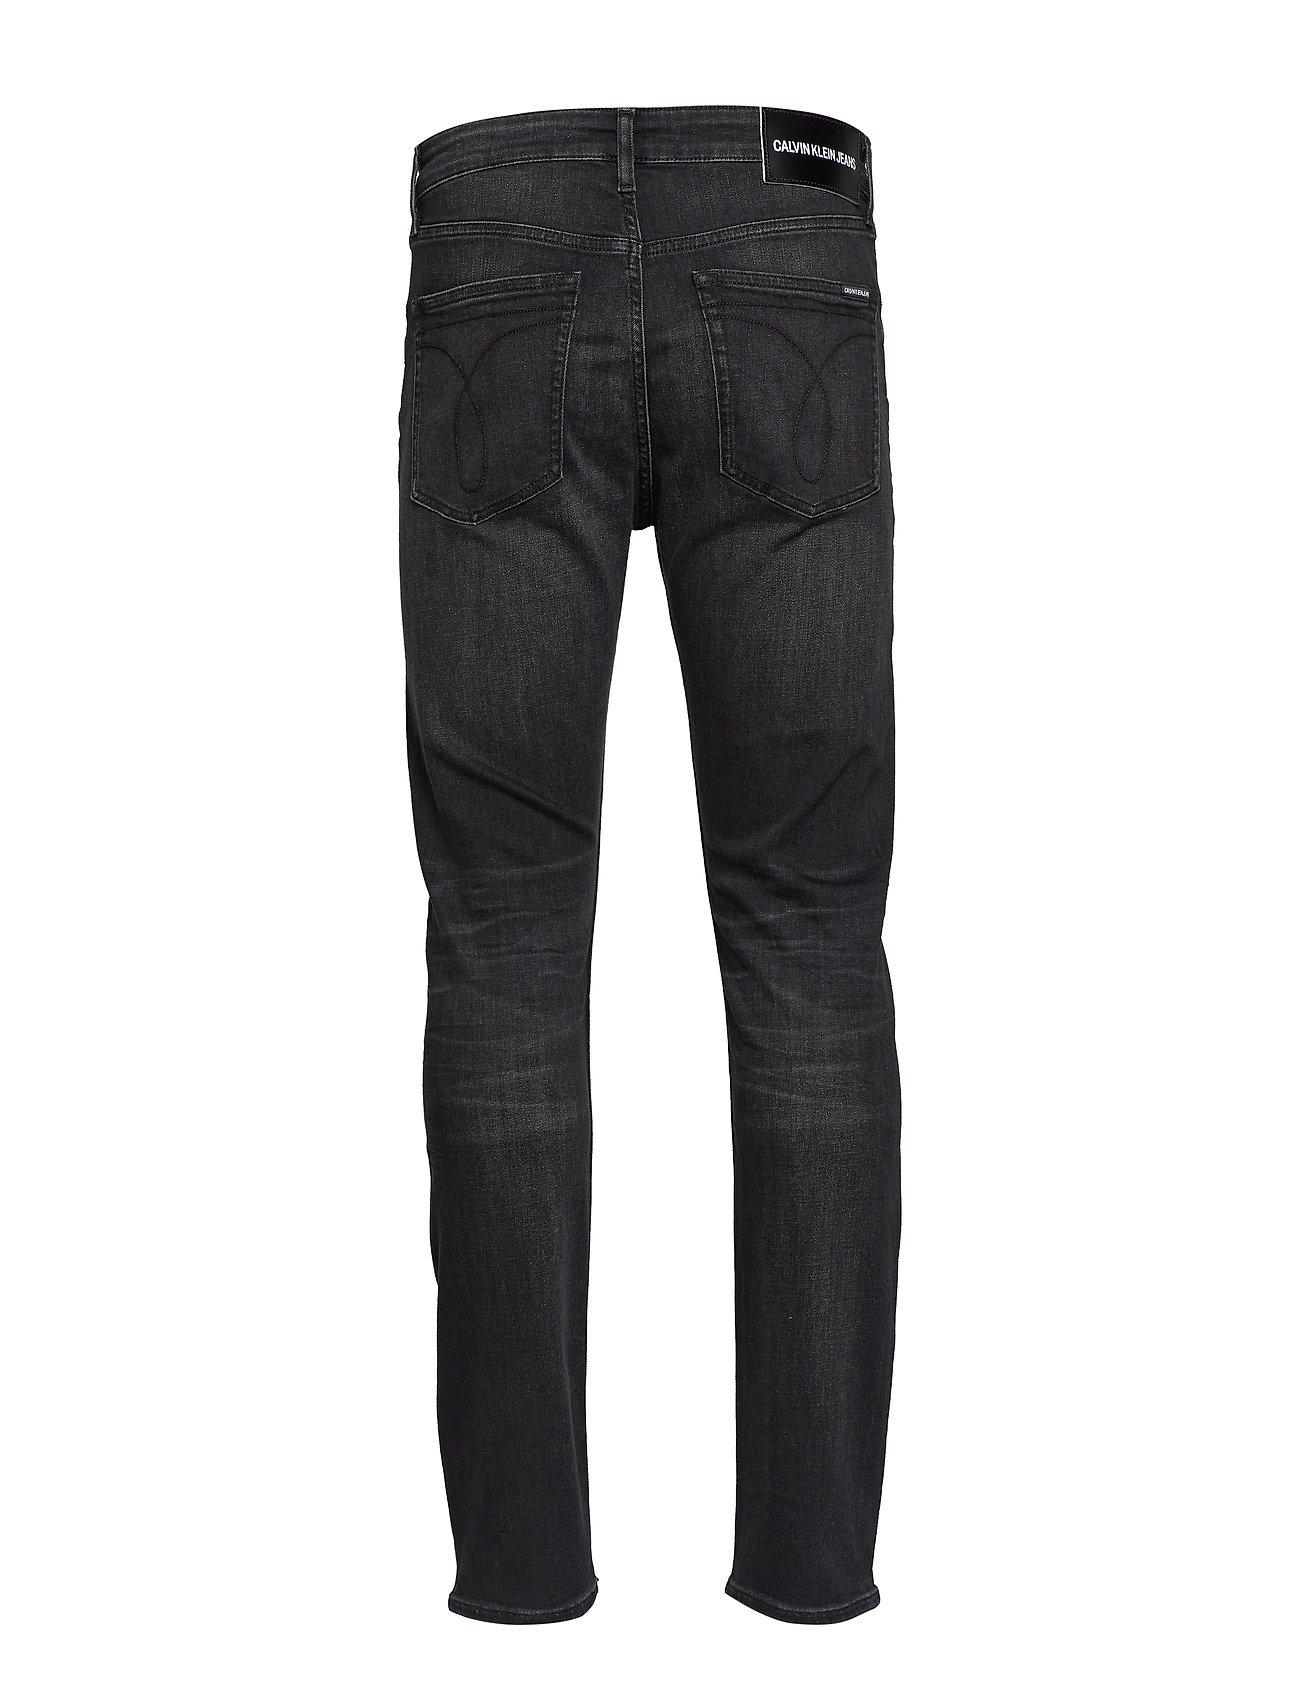 Ckj Klein Jeans Slim 058 Taperba119 BlackCalvin c3KF1TlJ